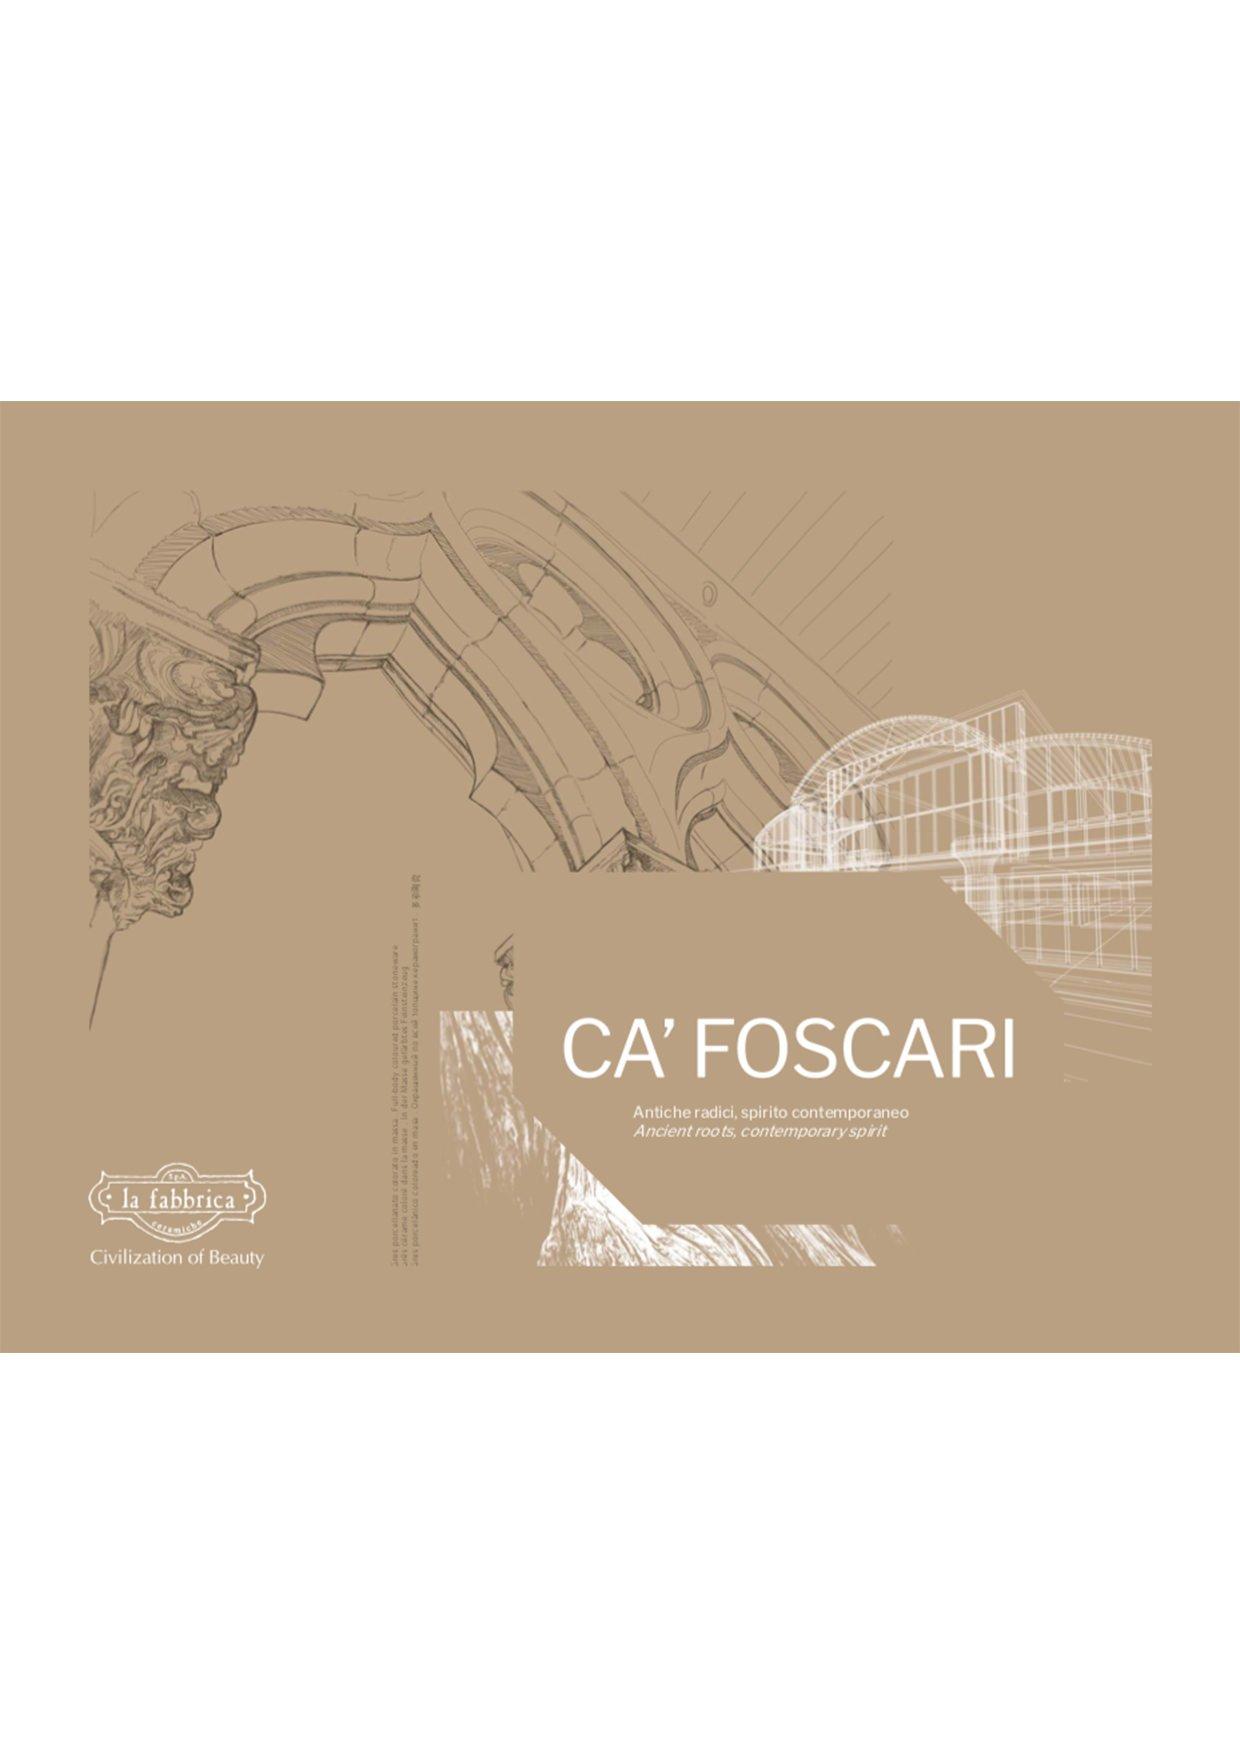 La Fabbrica Catalogo Cà Foscari